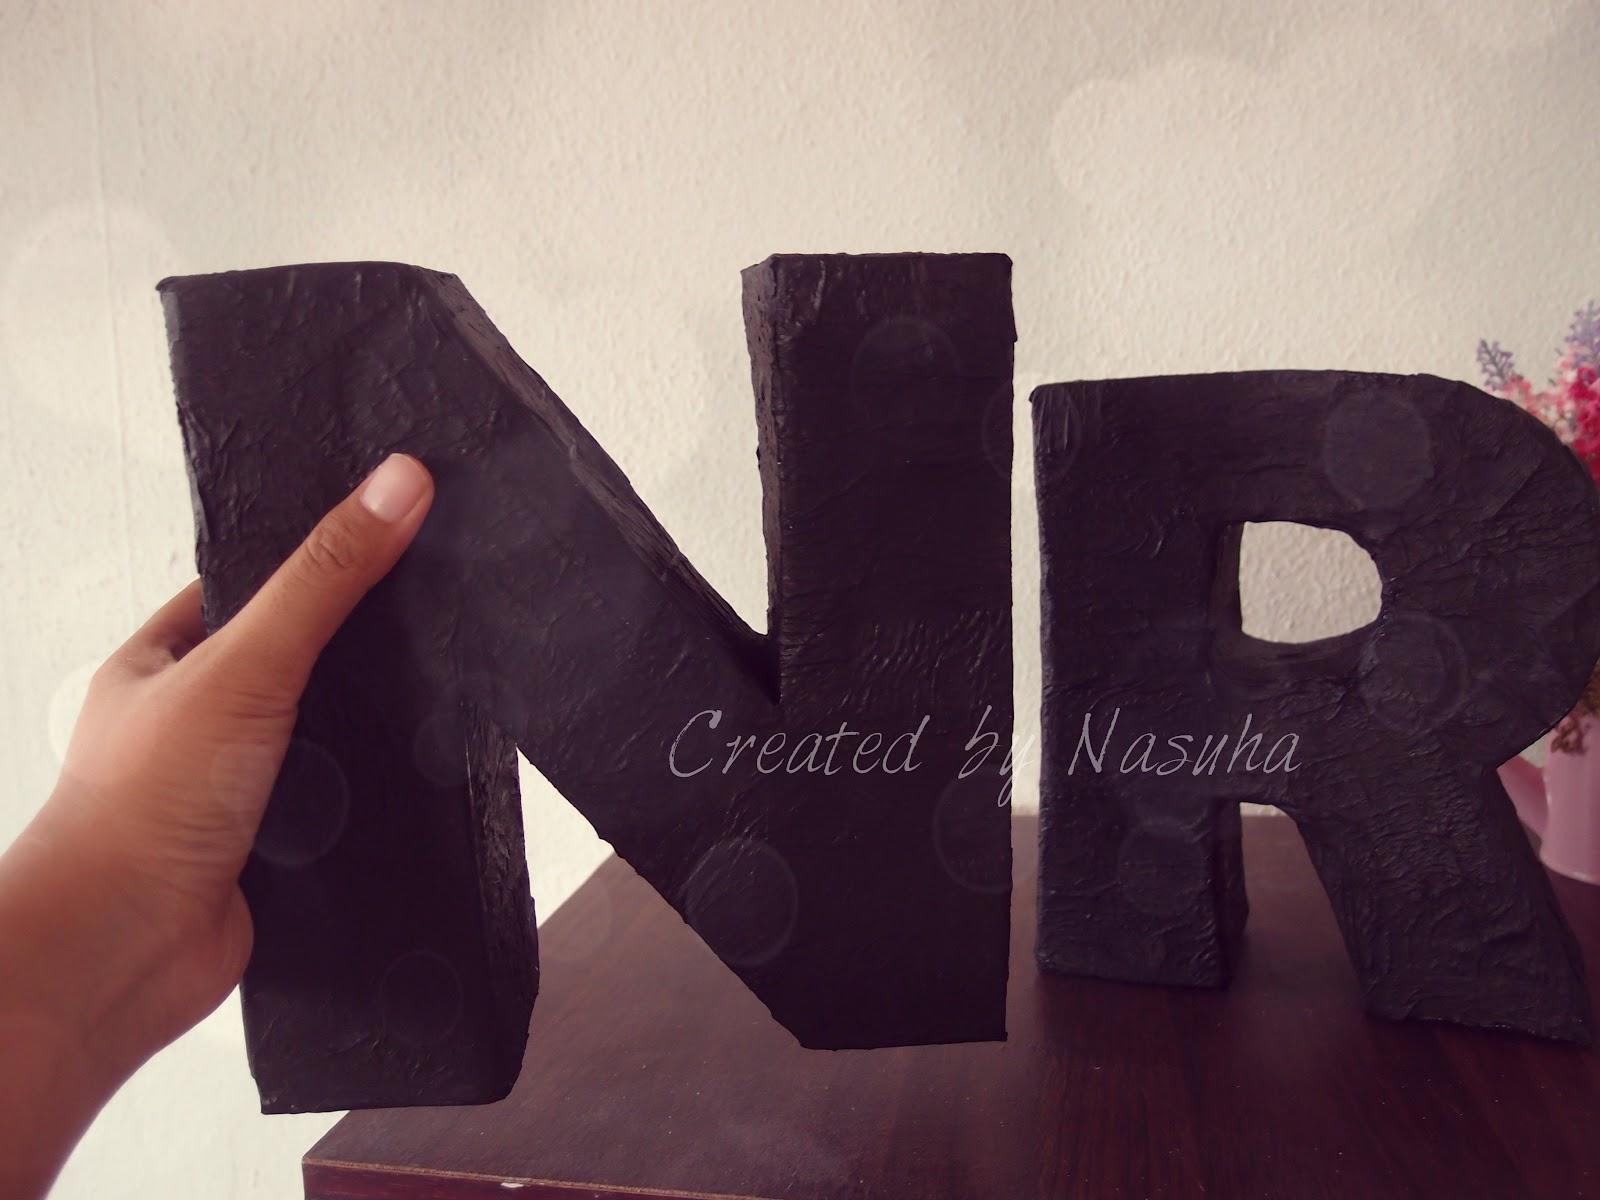 Created by Nasuha: Huruf 3d untuk hiasan meja guestbook~